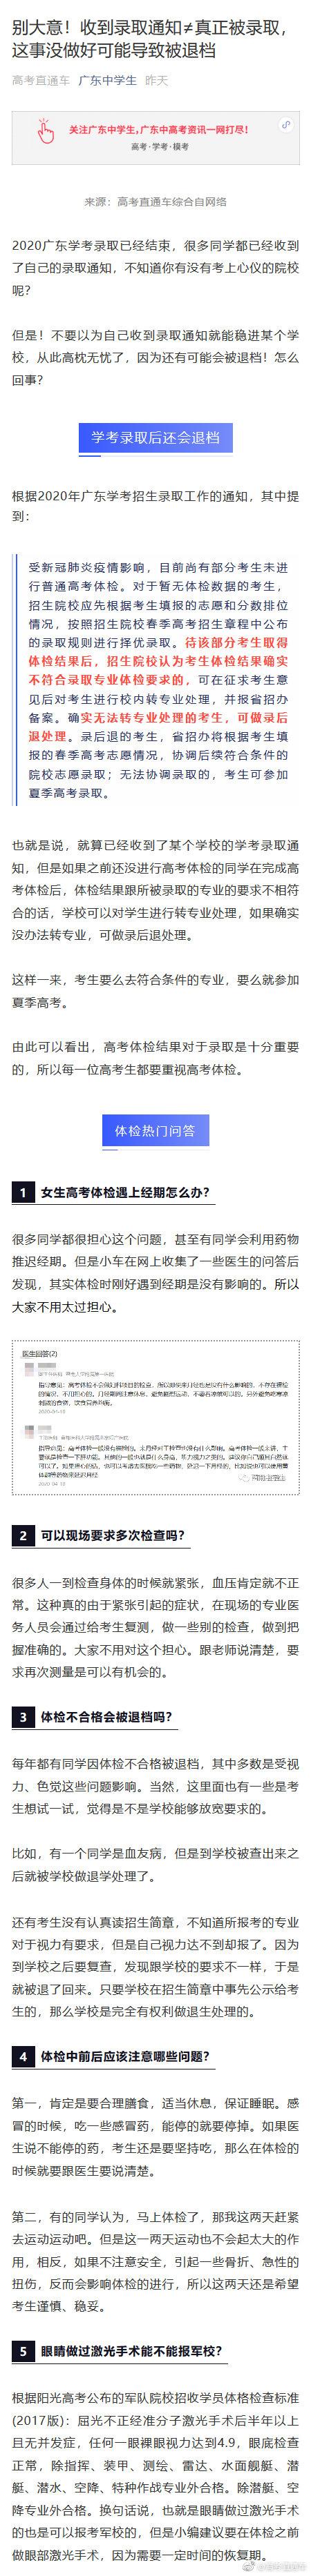 @ 广东考生,收到录取通知≠真正被录取,这事没做好可能导致被退档